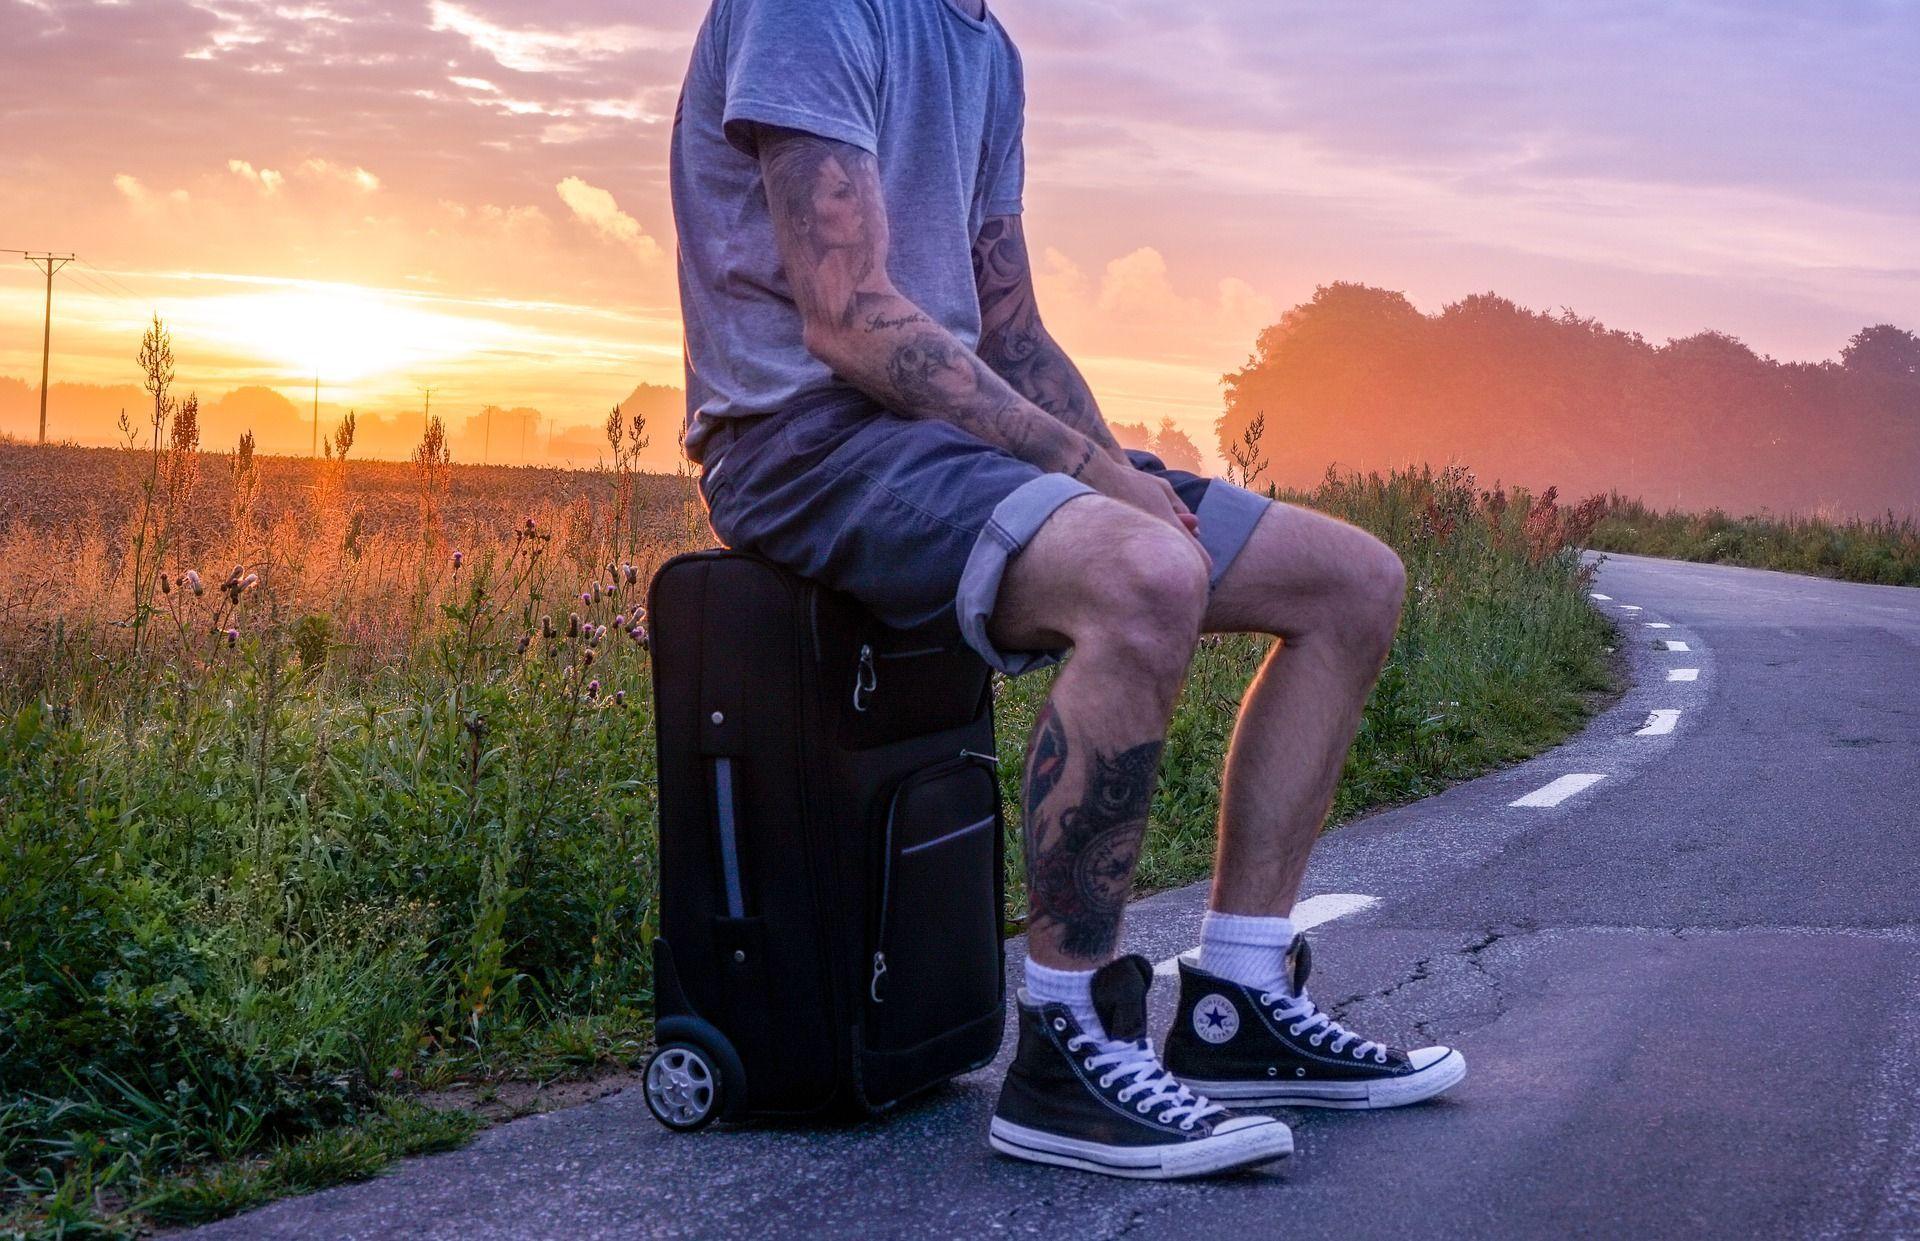 Cuáles son las mejores maletas de viaje y cómo elegir una